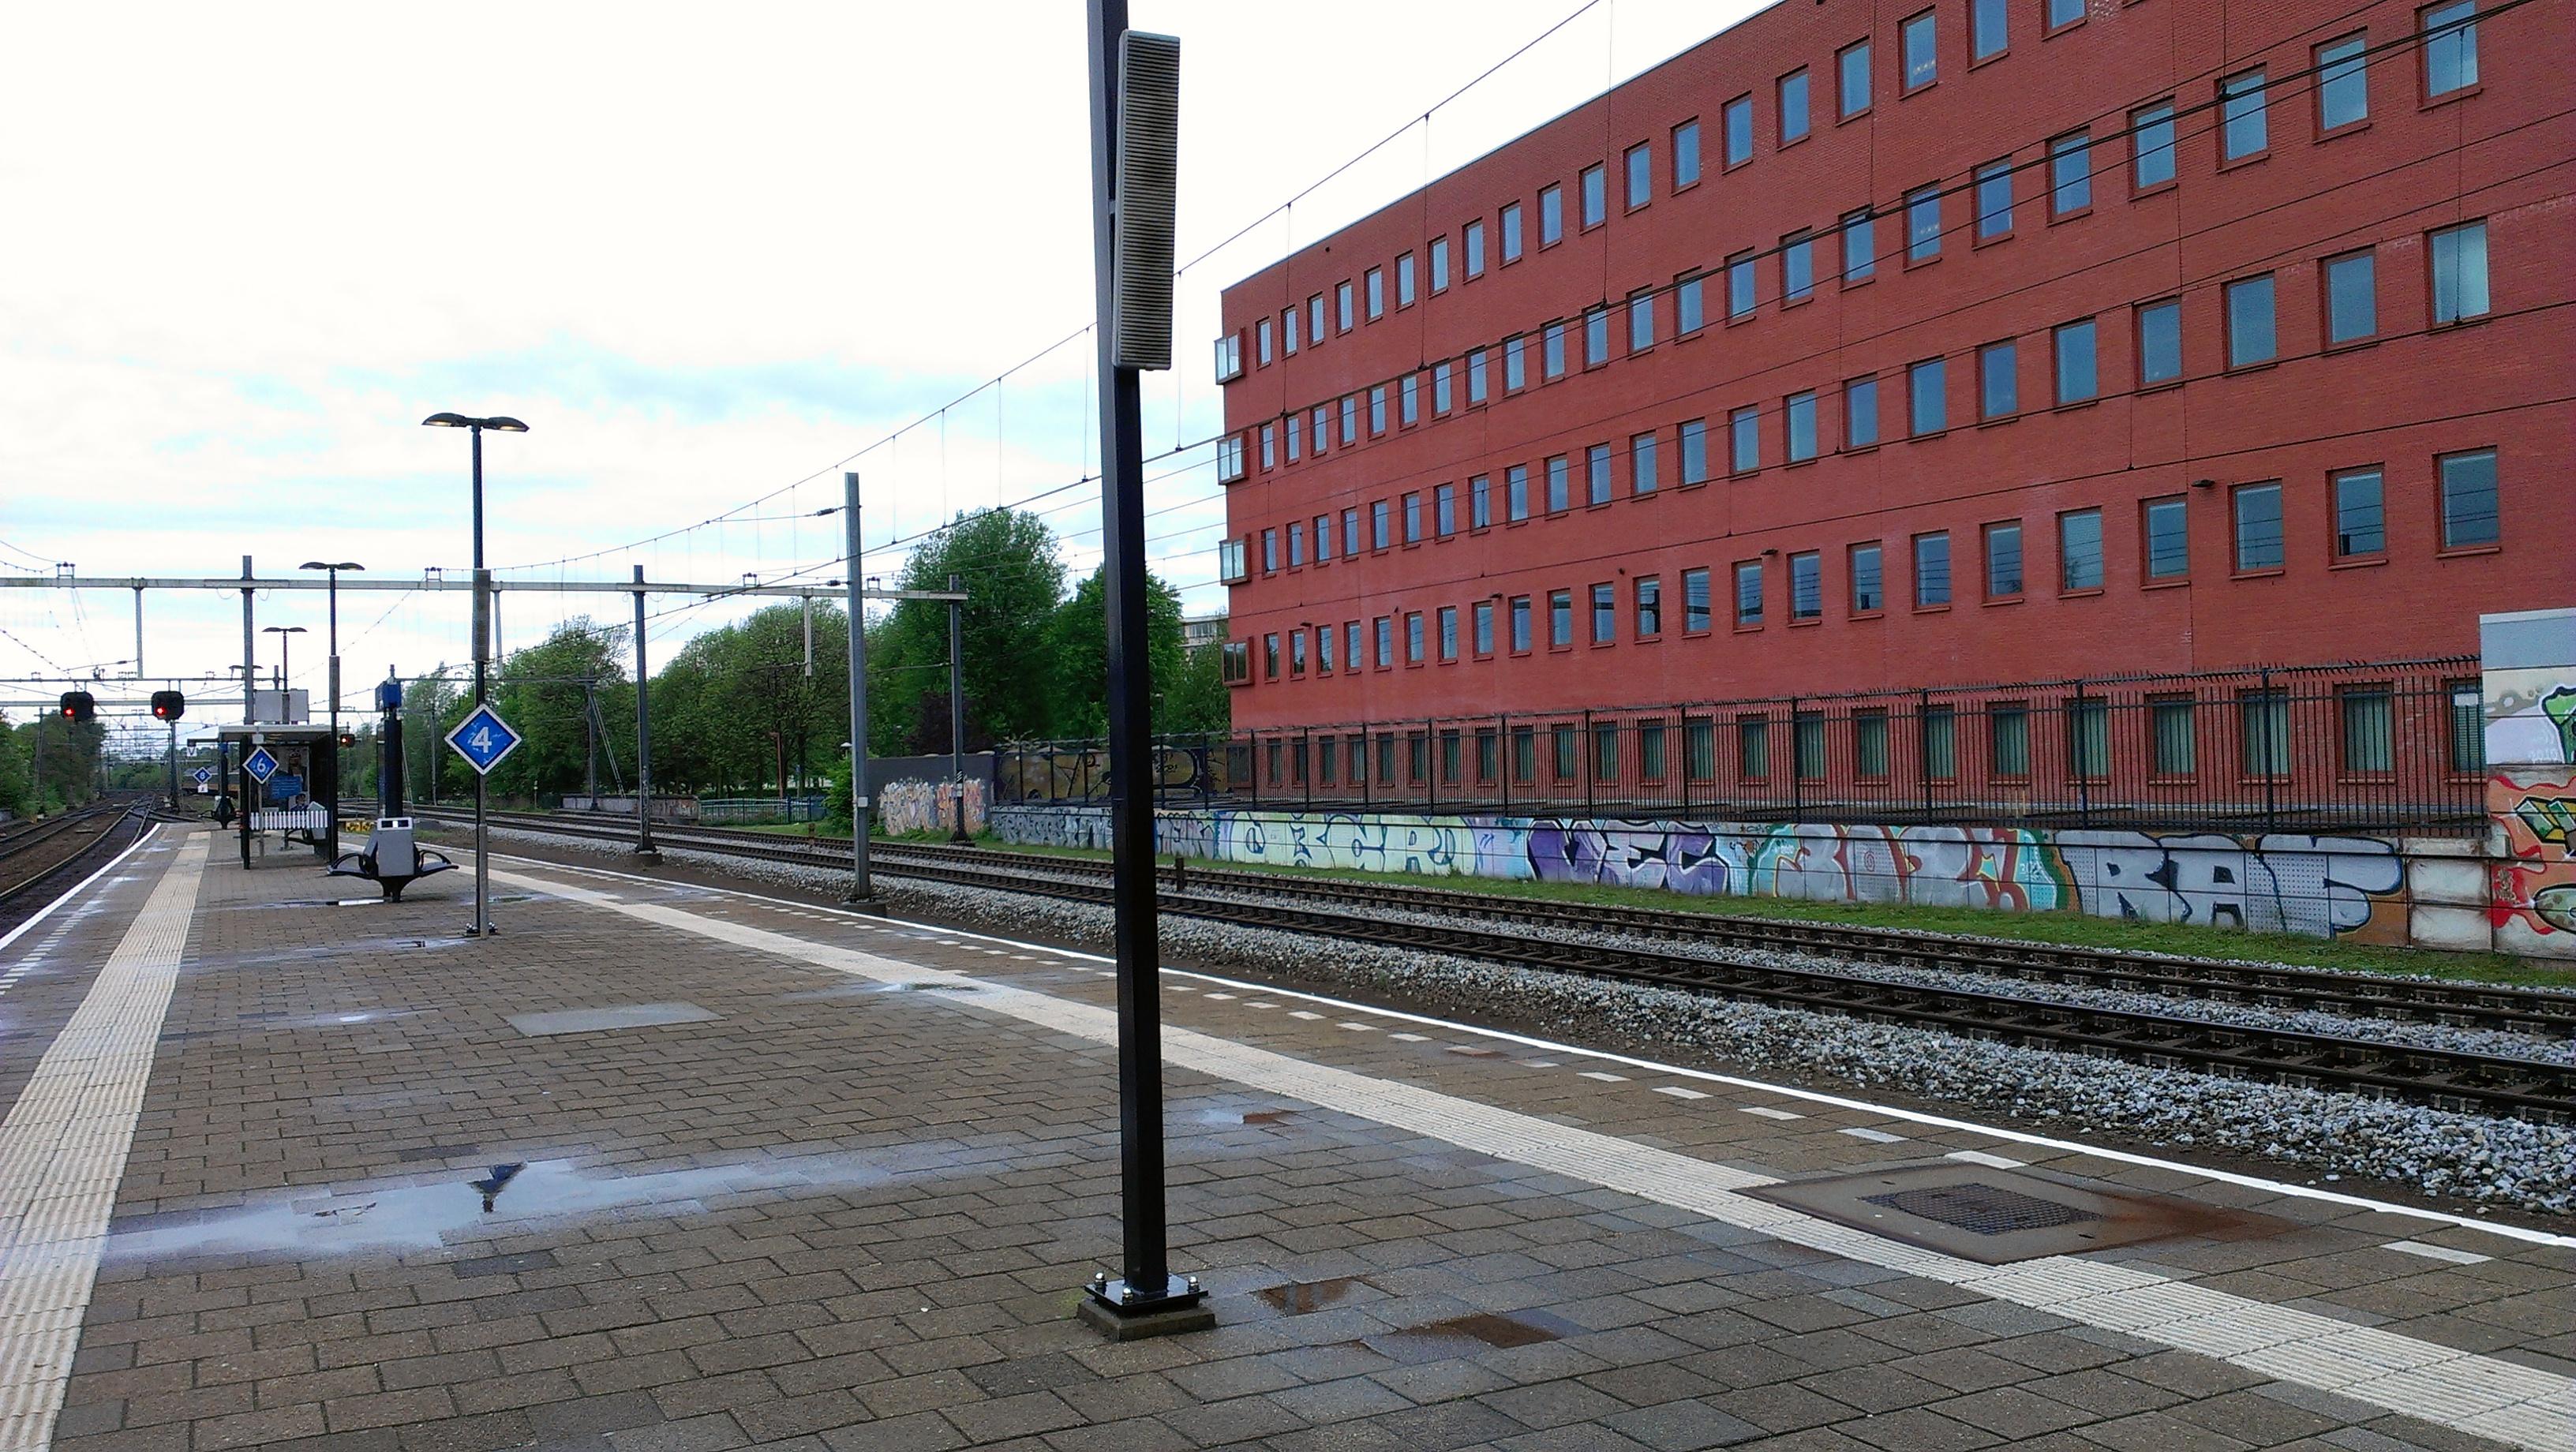 http://www.few.vu.nl/~jas320/fotoos/foto1.jpg